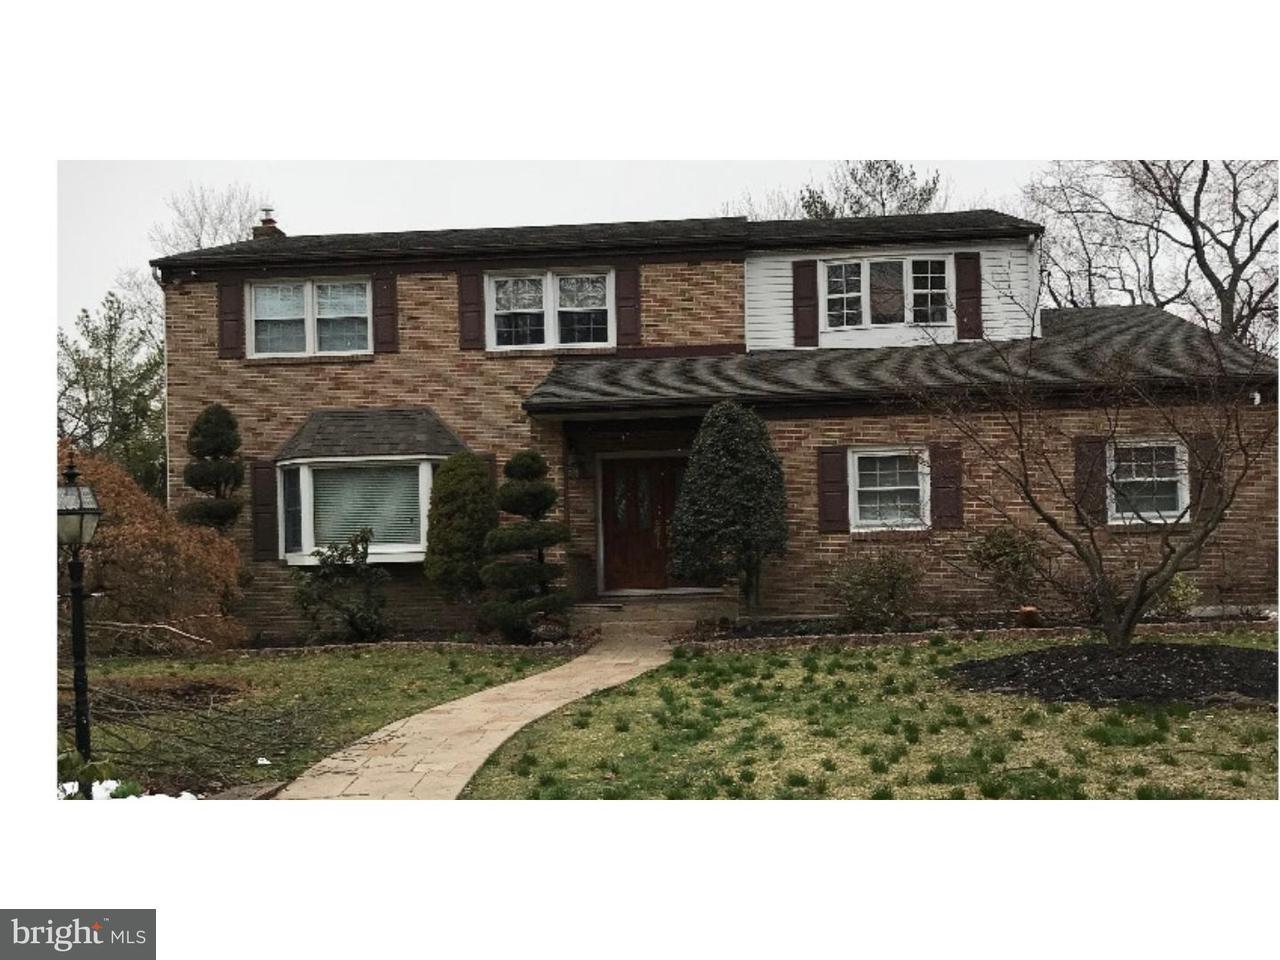 Частный односемейный дом для того Аренда на 503 BALSAM Road Cherry Hill, Нью-Джерси 08003 Соединенные Штаты